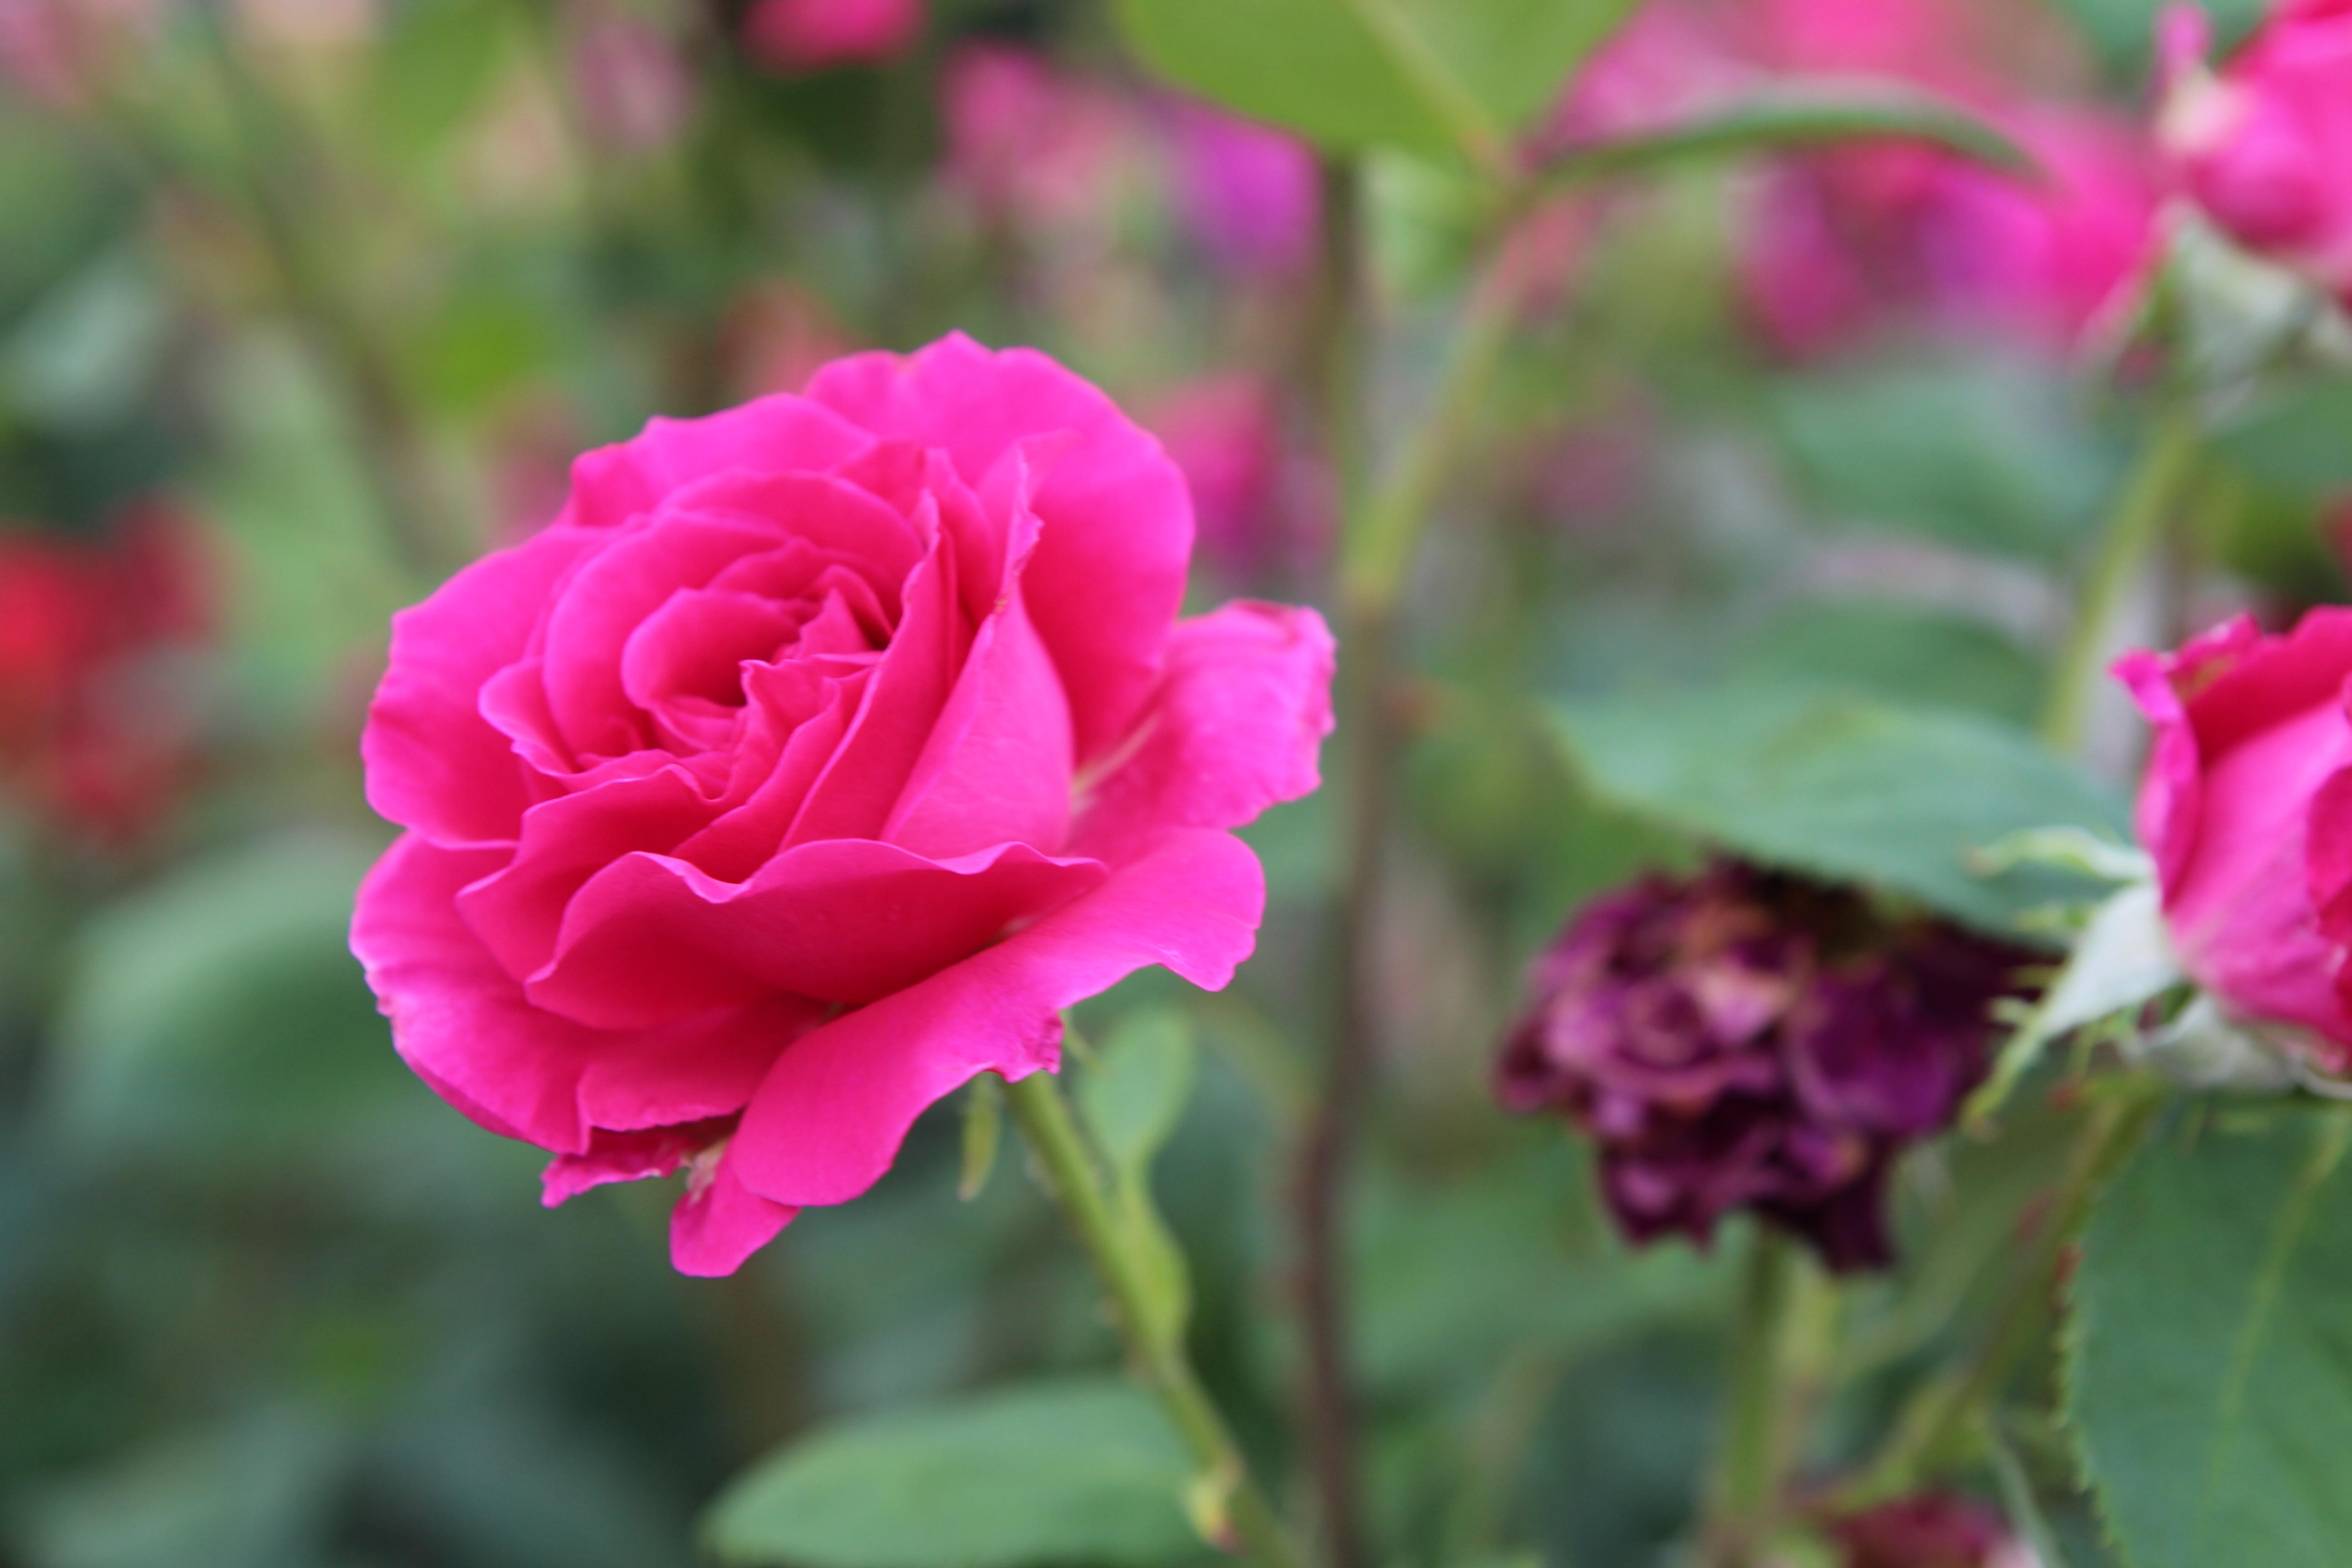 За каждый букет и за каждый цветок Я людям признателен чуть не до гроба. Люблю я цветы! Но средь них особо Я эту вот розу в душе сберег.